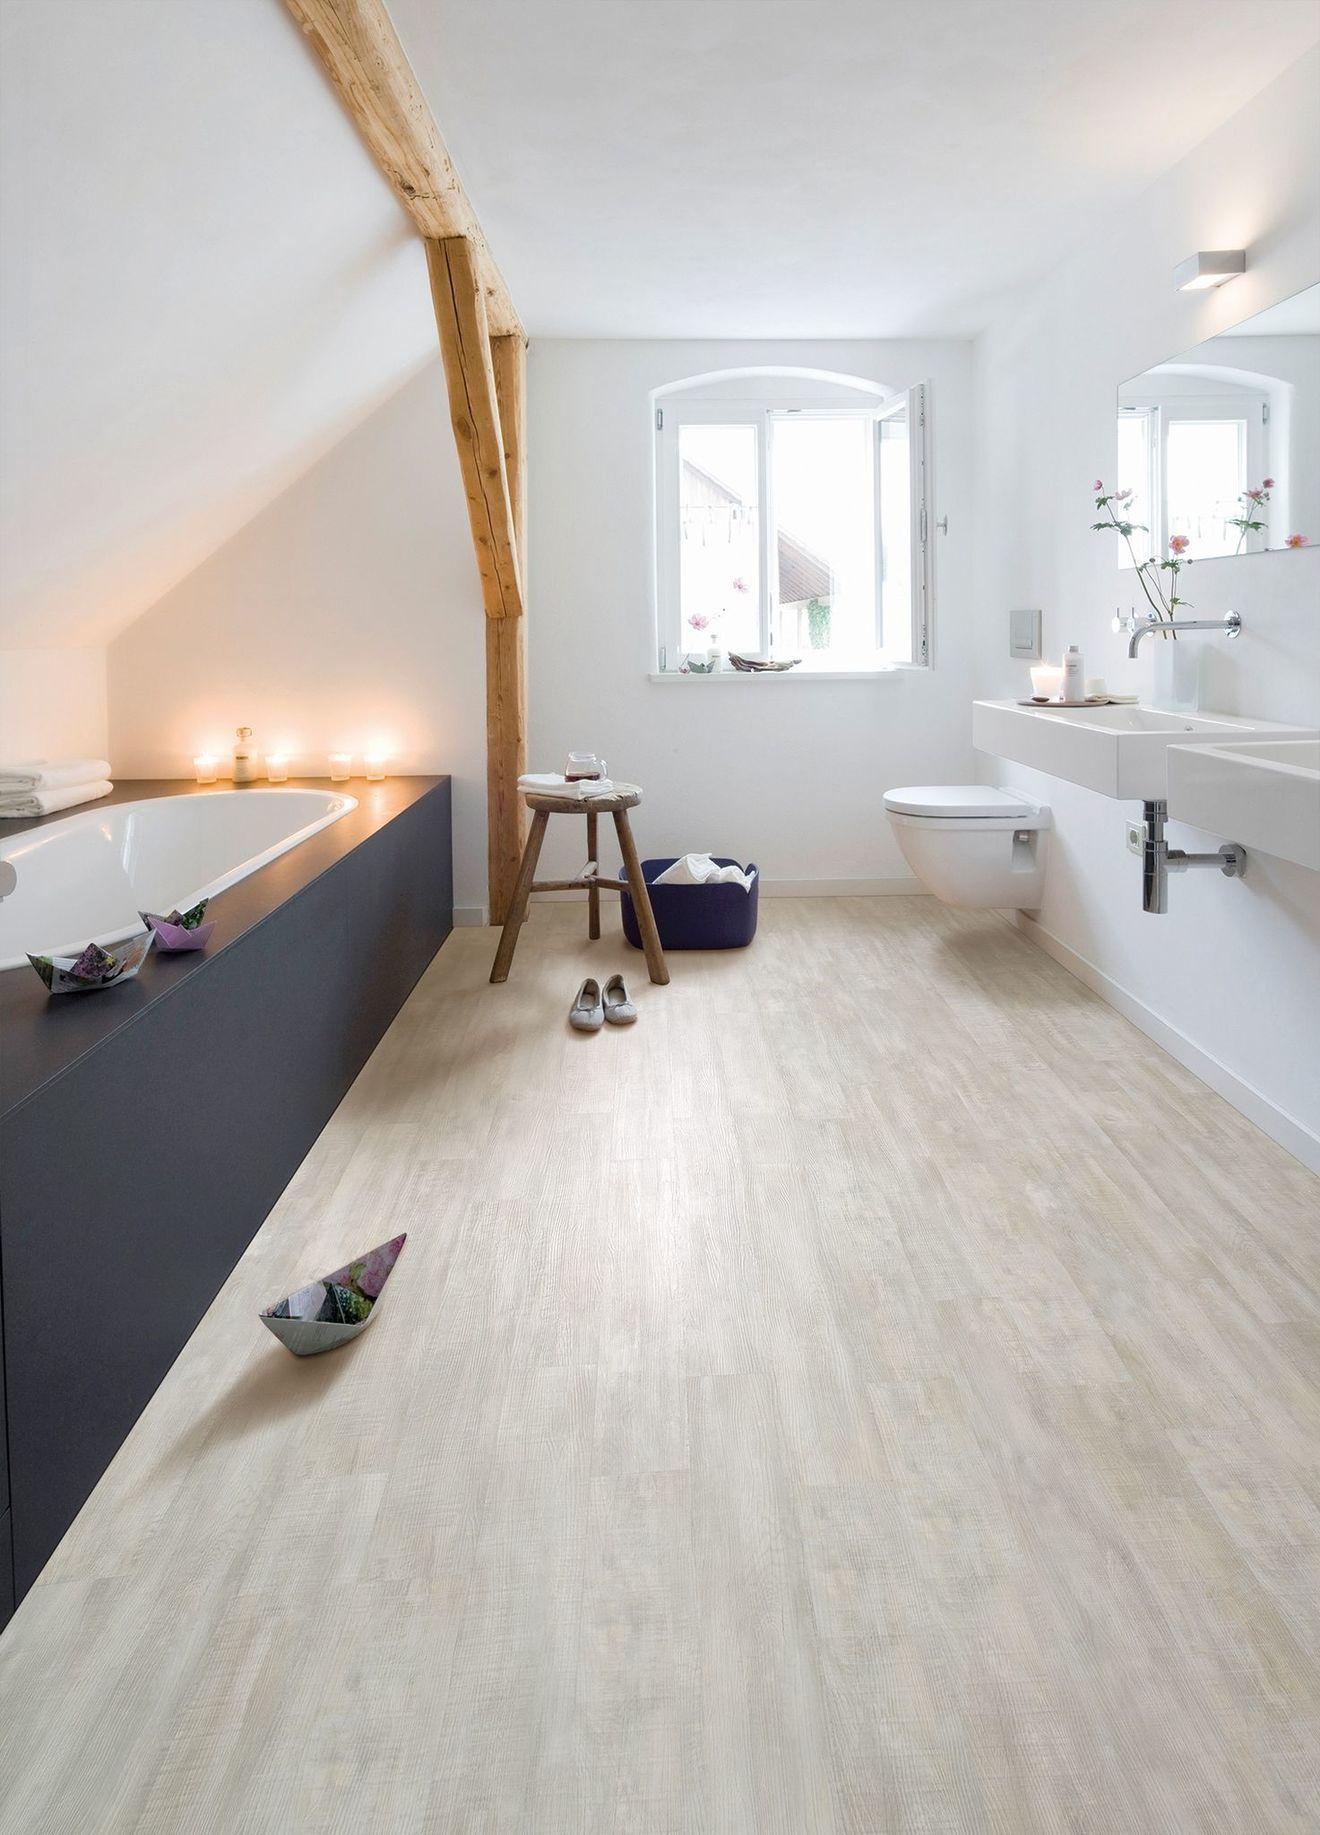 Sol pvc, vinyle : sélection  Salle de bains moderne, Revetement